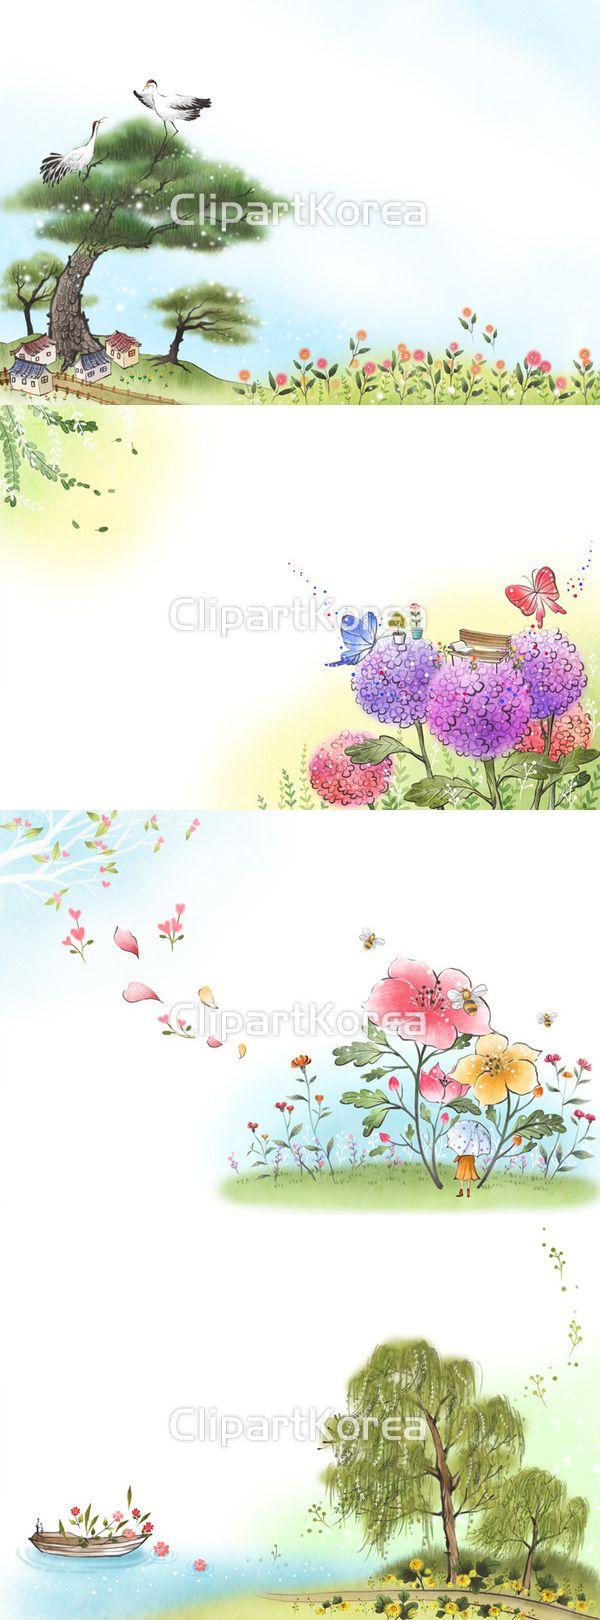 일러스트 감성 고요 꽃 꽃밭 나무 나뭇잎 두루미 배경 백그라운드 사람없음 소나무 수묵화 수채화 시골 잎 자연 조류 조용 주택 카피스페이스 페인터 편안함 평화 풍경 한국화 illust illustration emotional quiet flower silent tree leaves background watercolor rural country nature bird village copyspace painter comfortable peace scenary #이미지투데이 #imagetoday #클립아트코리아 #clipartkorea #통로이미지 #tongroimages